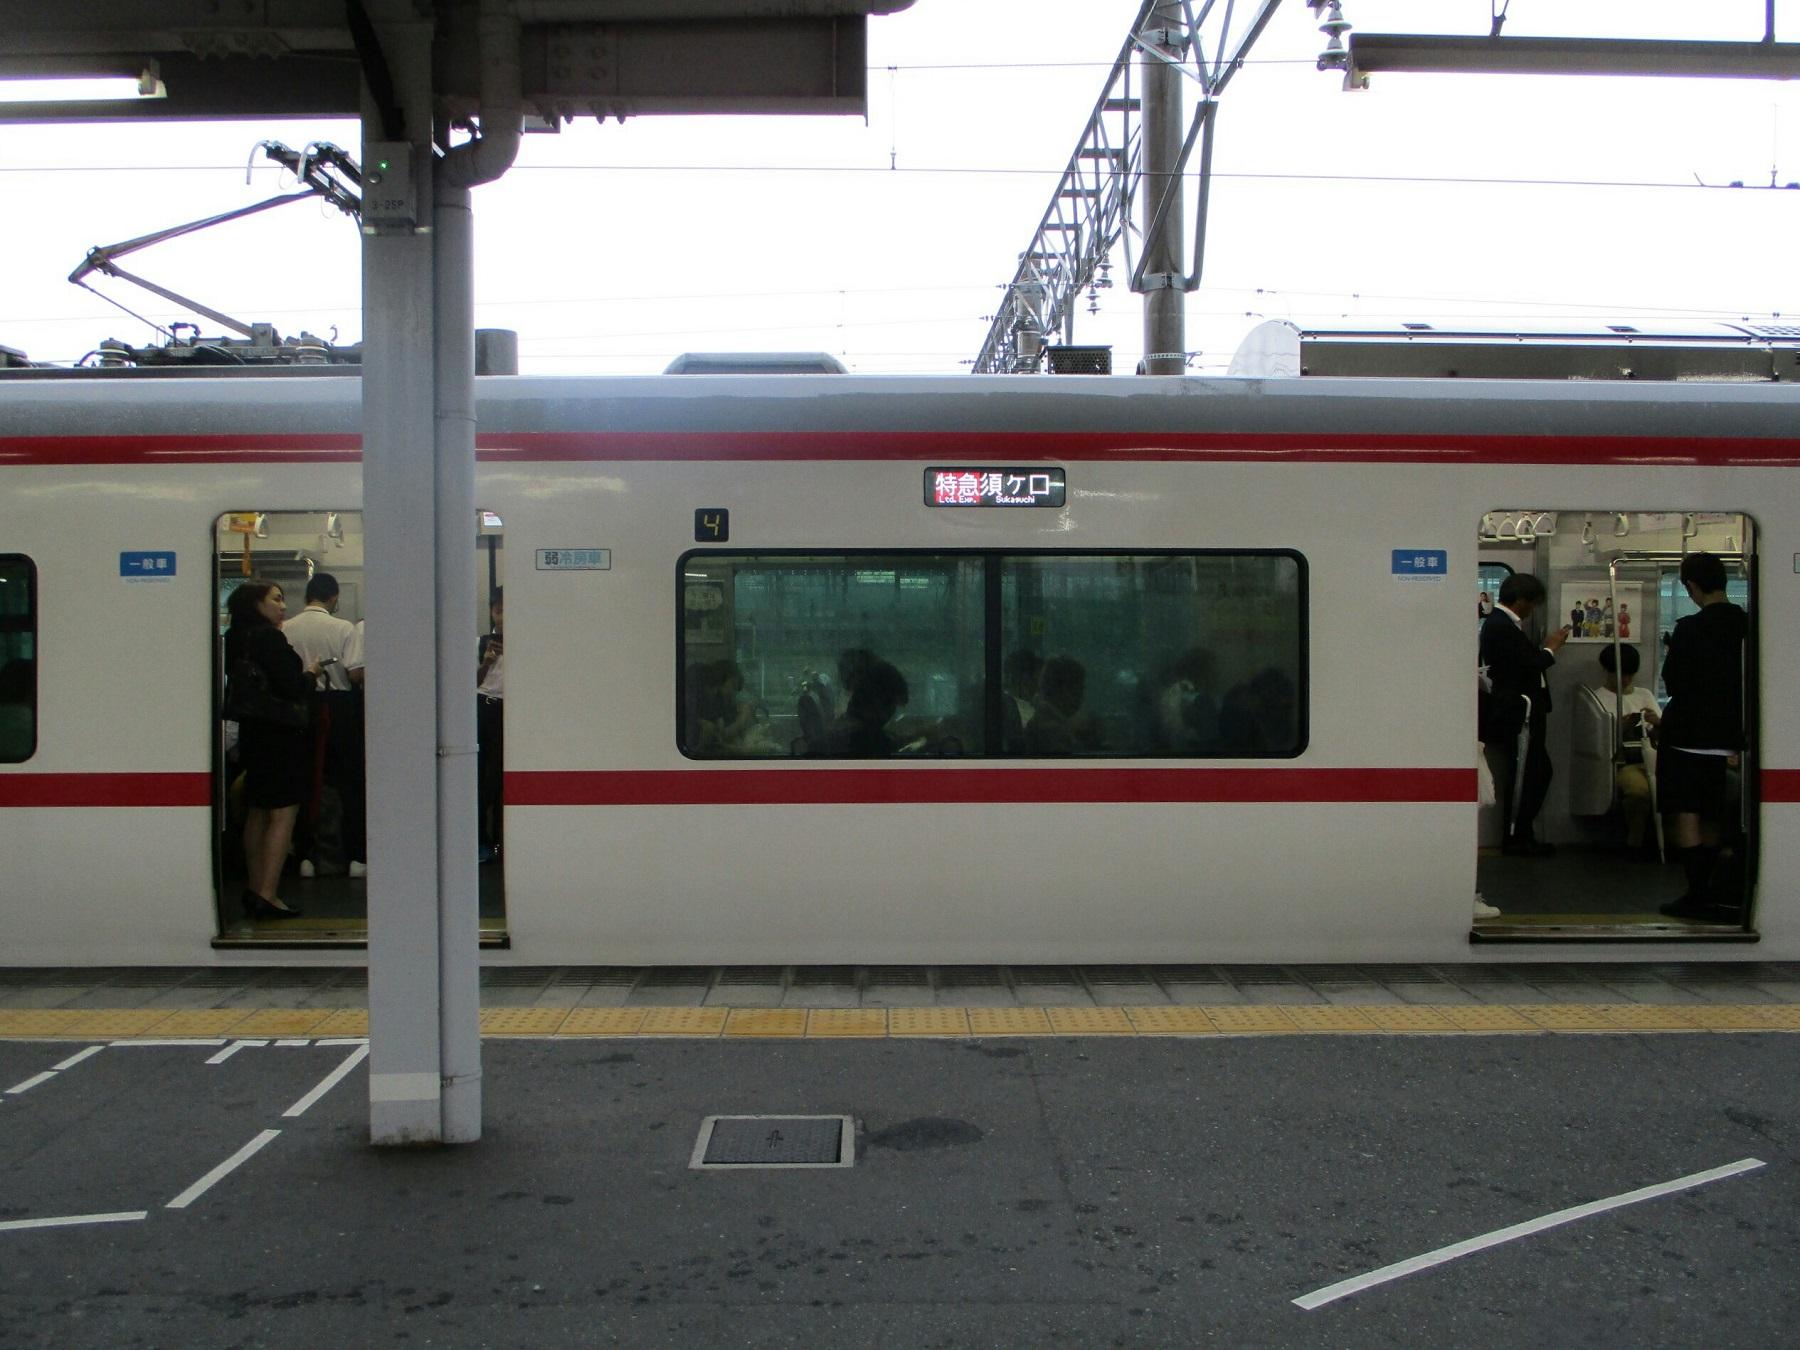 2018.9.20 (7) 豊橋 - 須ヶ口いき特急 1800-1350